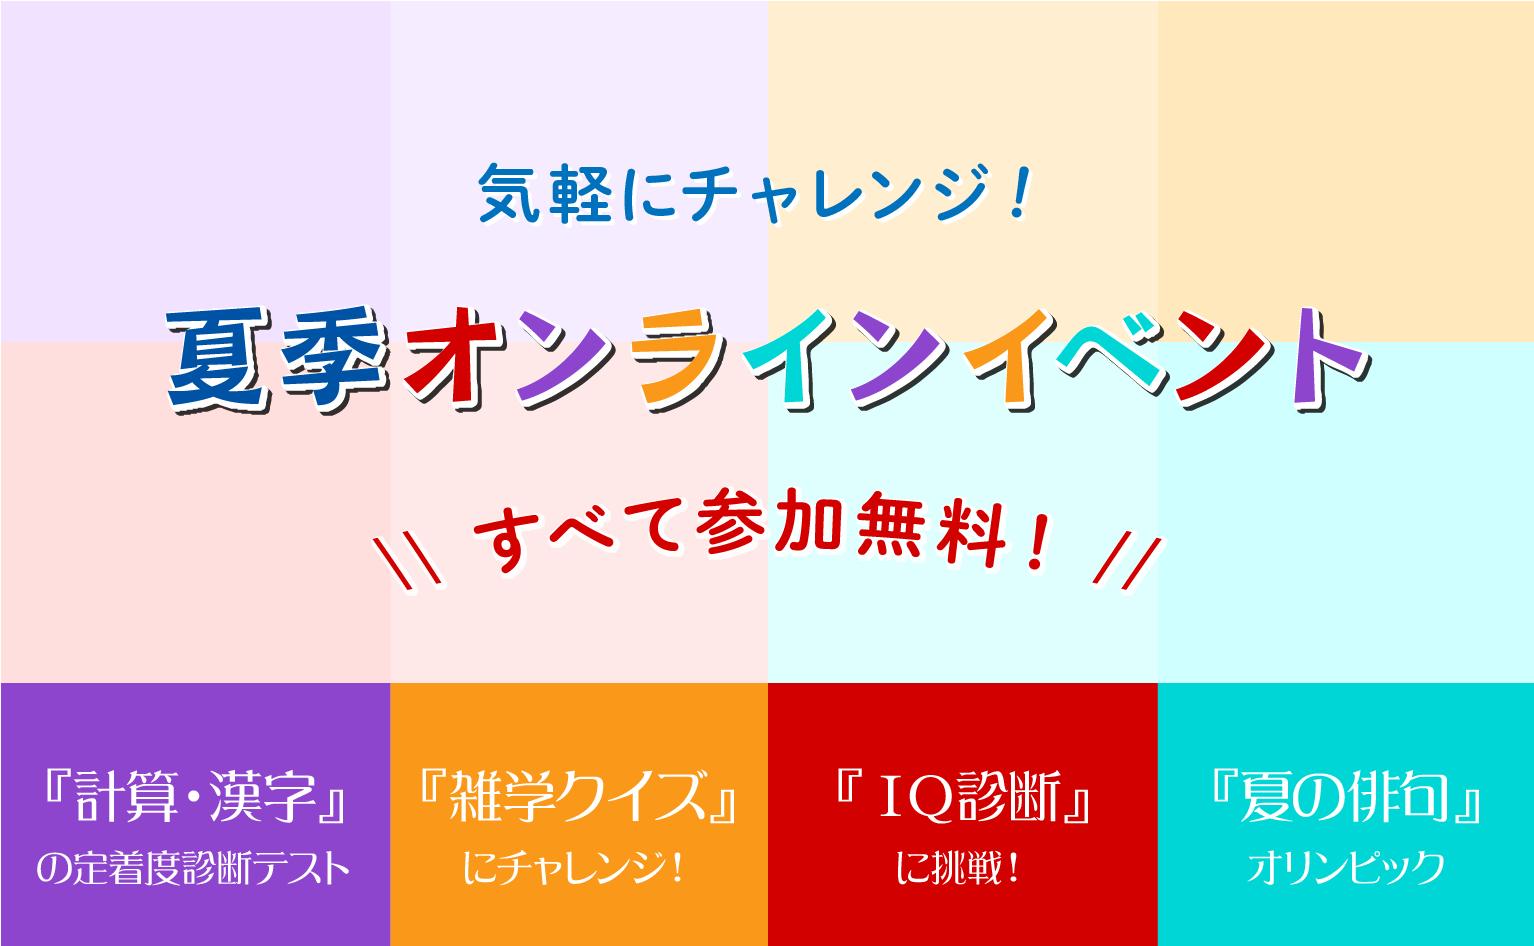 夏季限定オンラインイベント